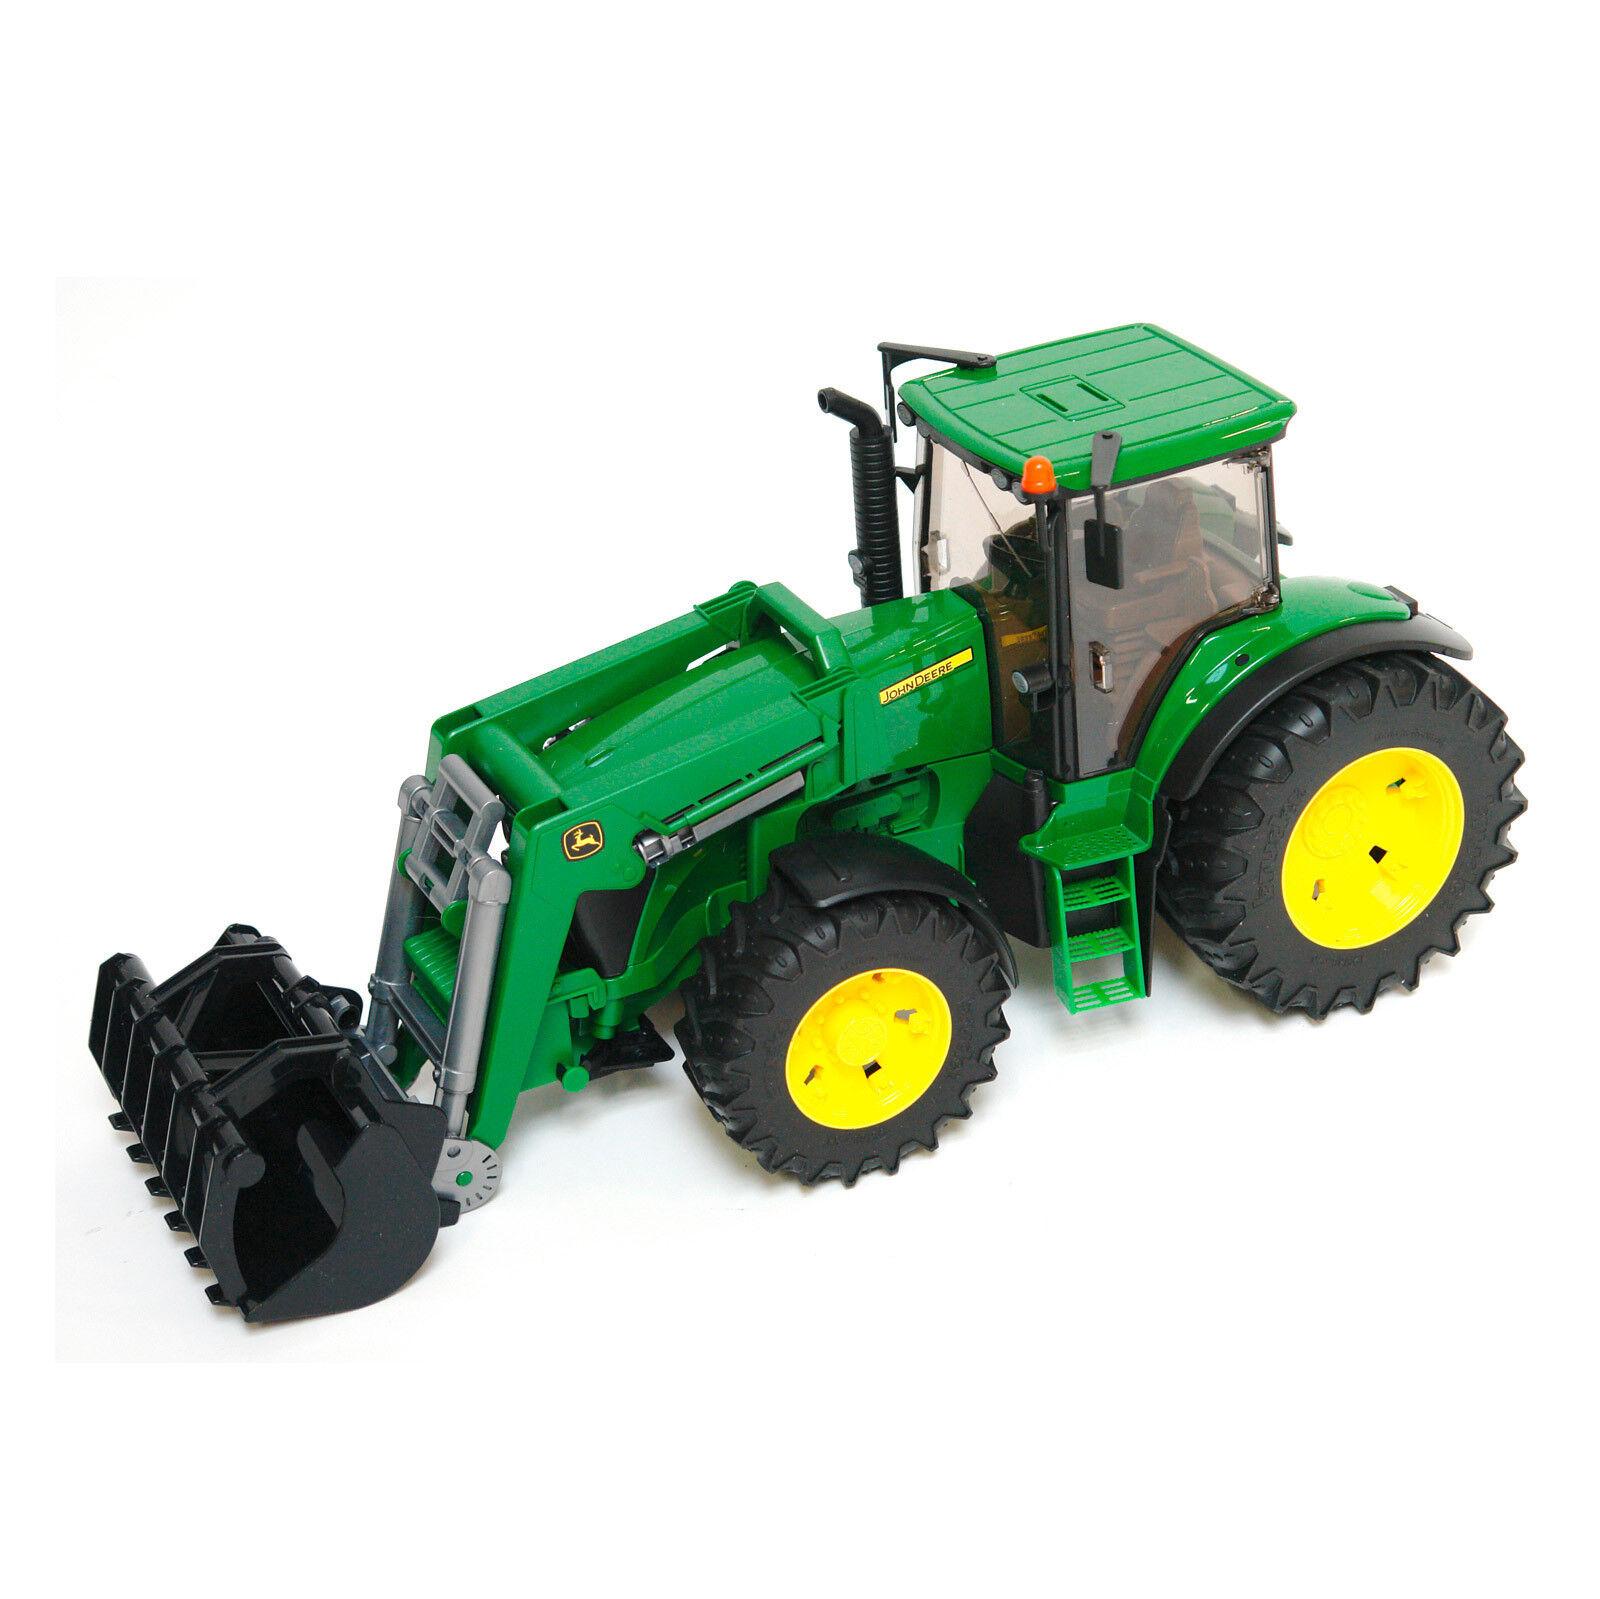 BRUDER Spielzeug John Deere 7930 Traktor Schlepper mit mit mit Frontlader   03051  | Viele Stile  a1186a